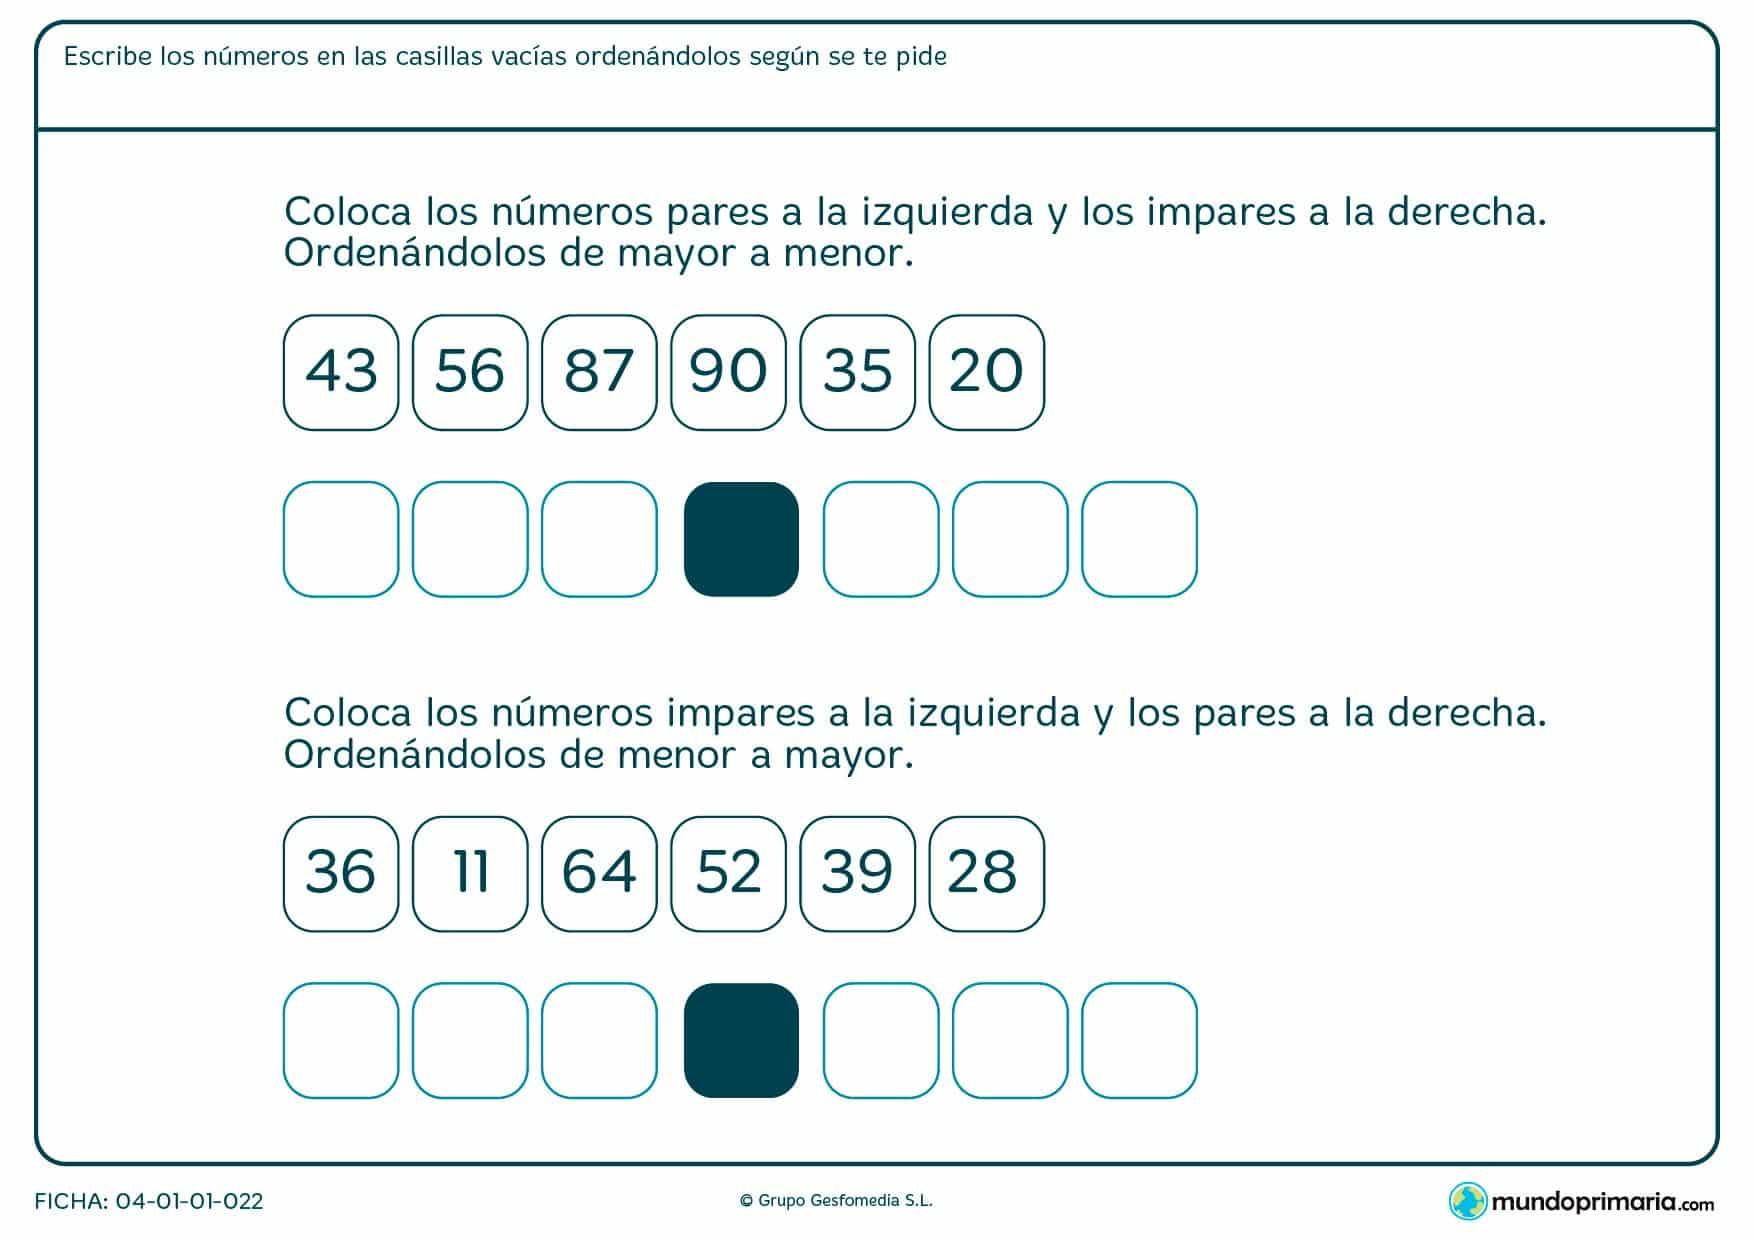 Ficha de colocar pares e impares a derecha o izquierda según la pregunta.